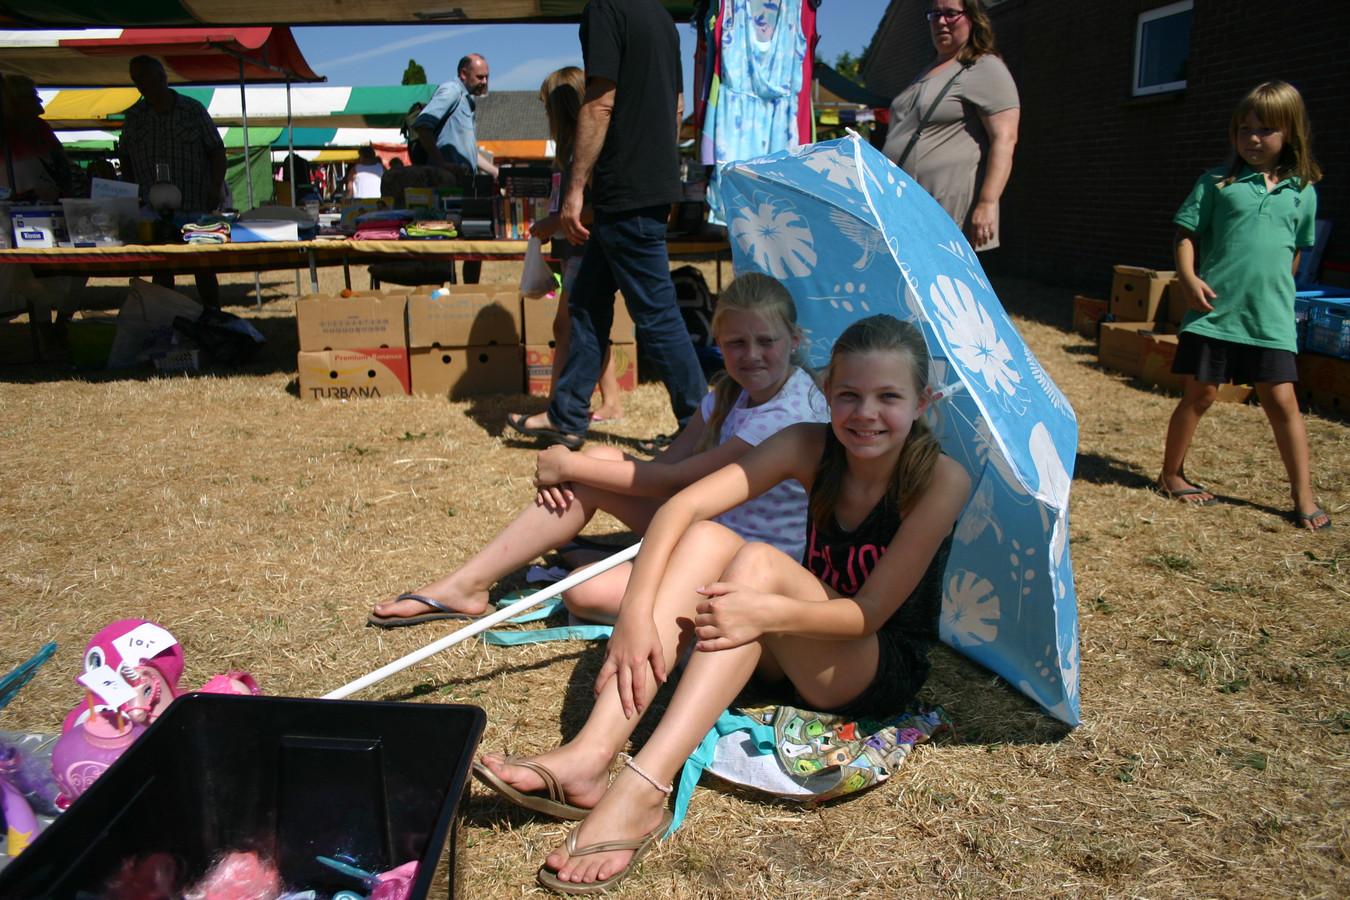 Onder hun parasol zitten Faith (links) en Summa van negen jaar bij hun roze spulletjes op de jaarmarkt van Baarschot